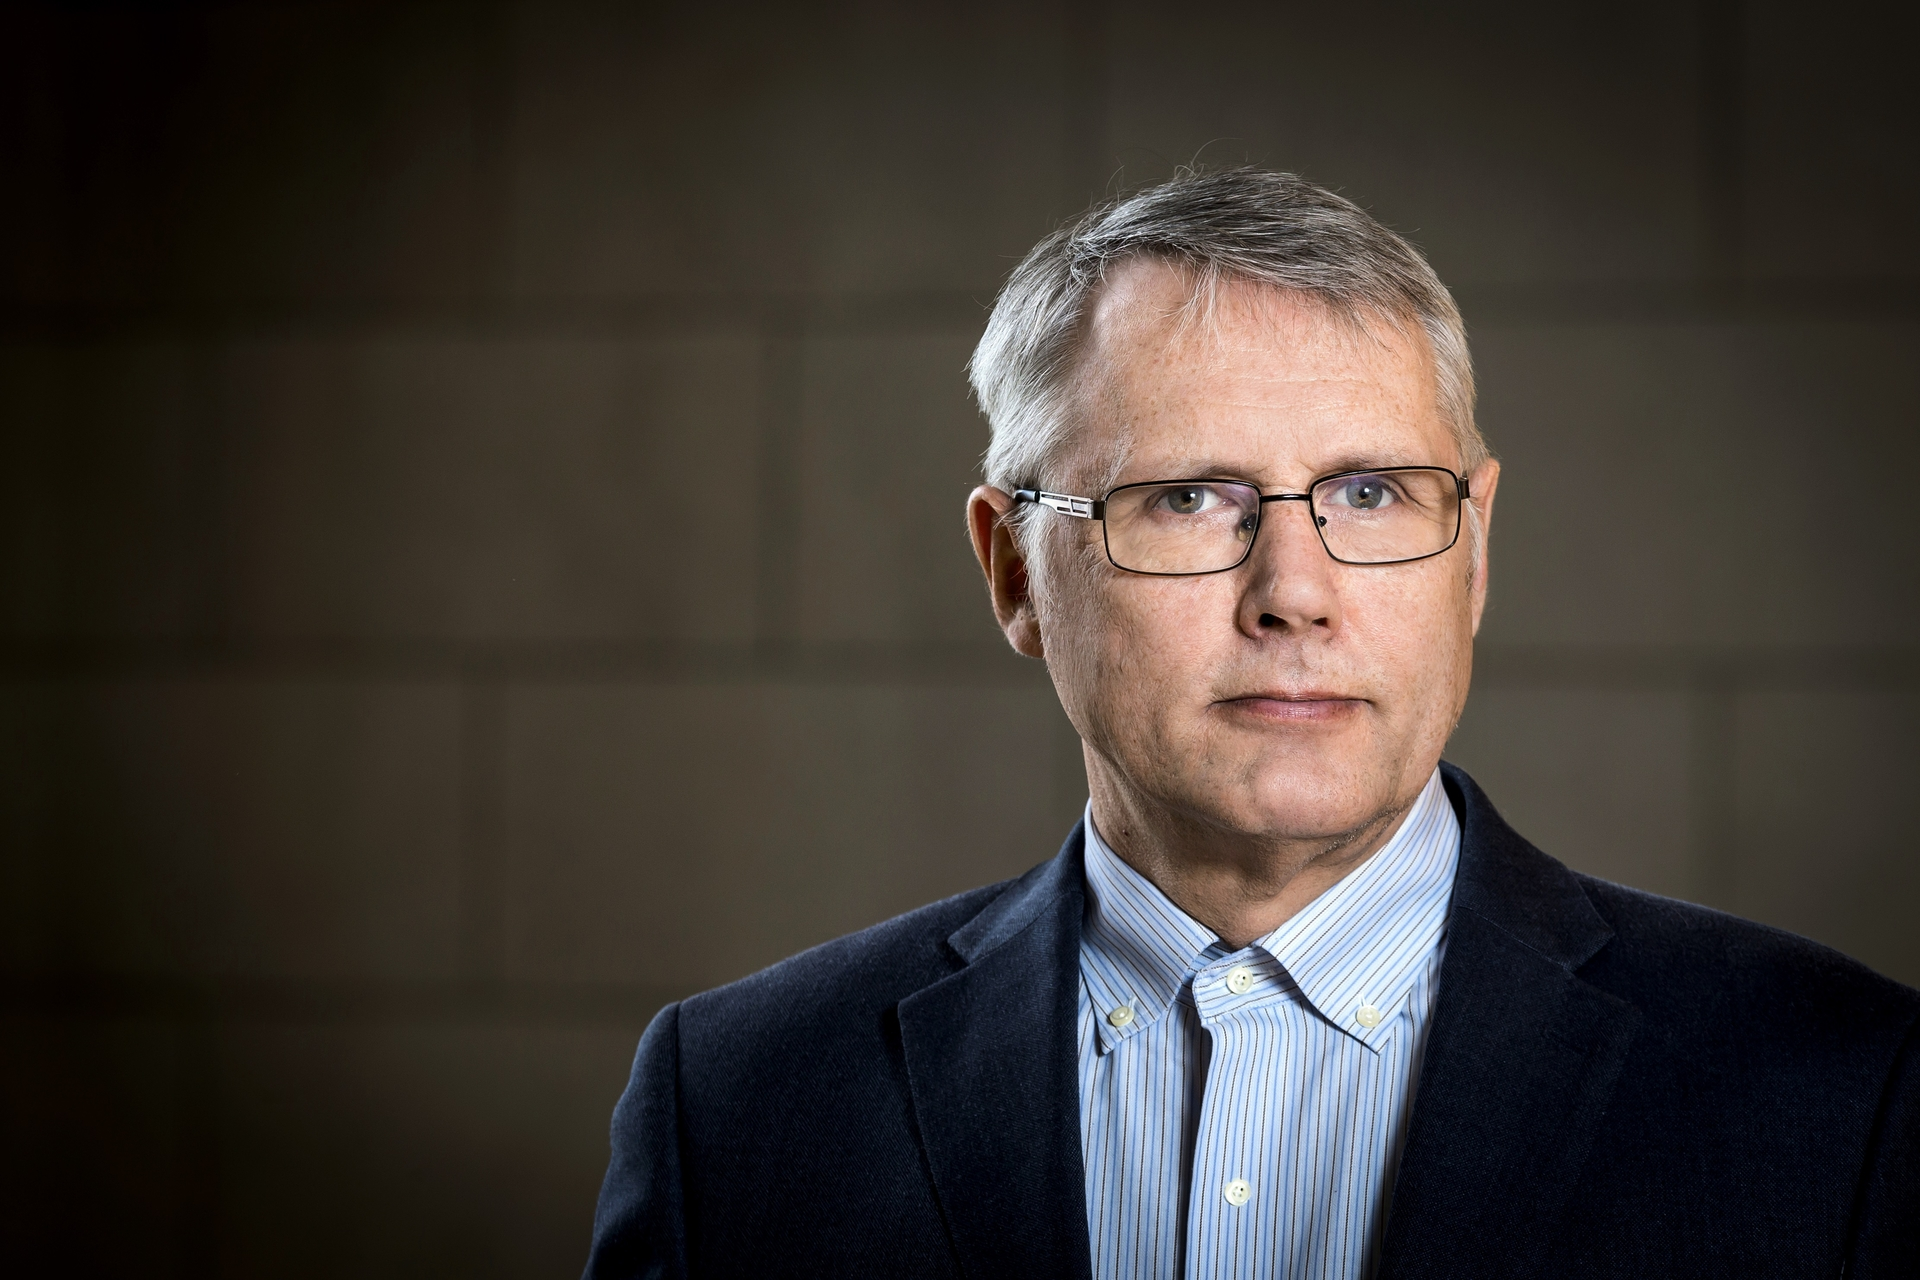 Róbert H. Haraldsson, sviðssjóri kennslusviðs